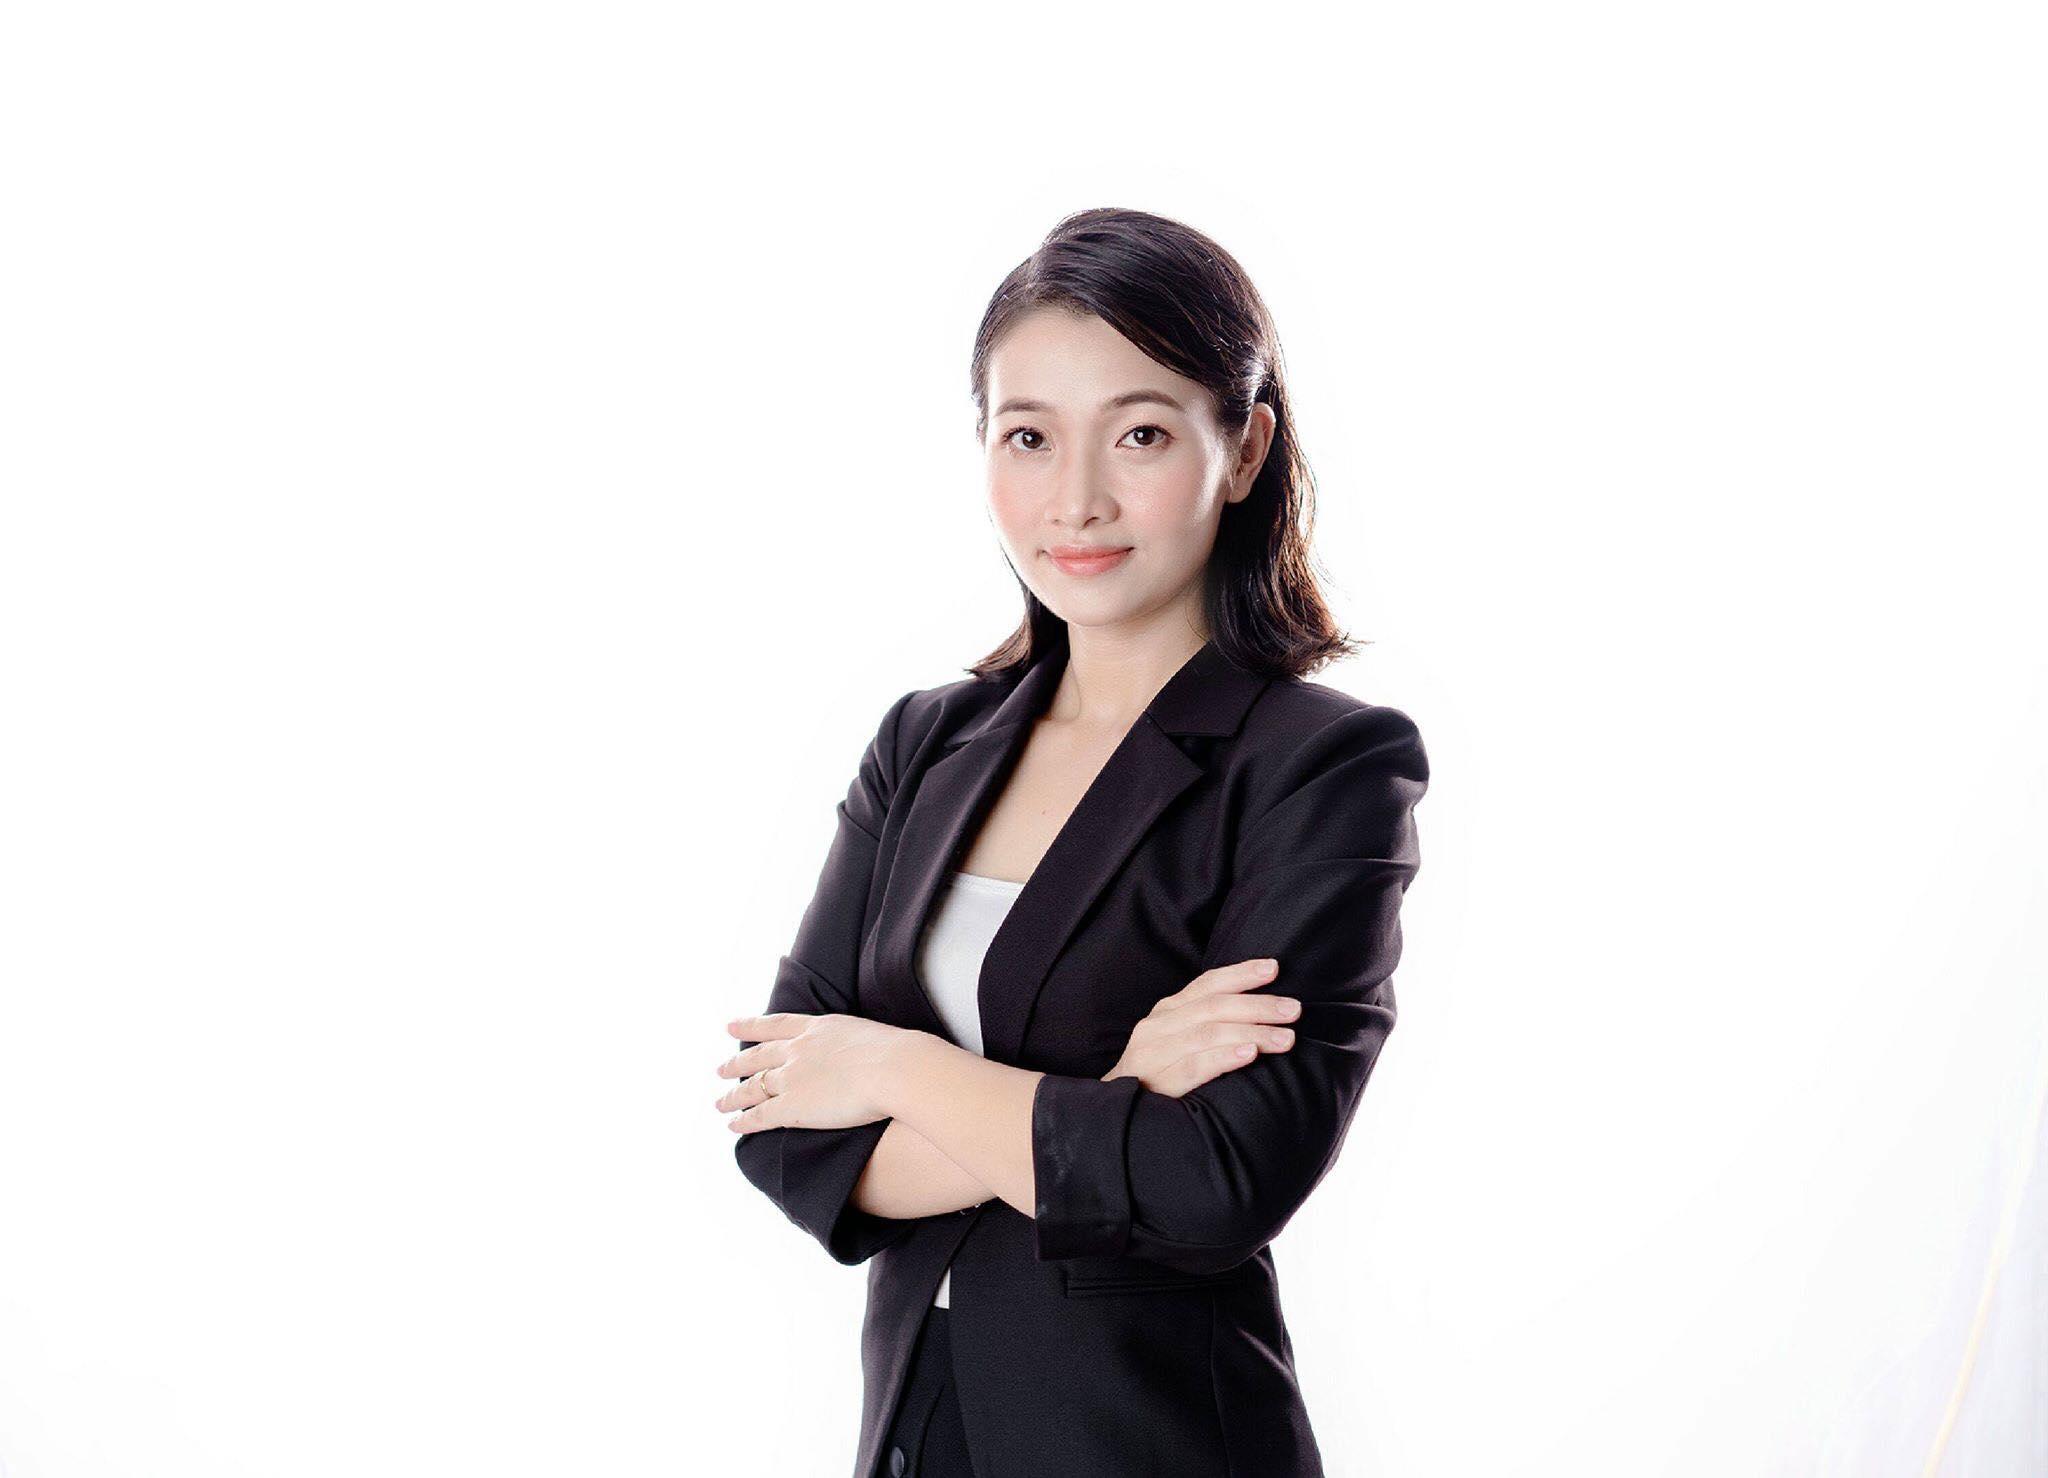 Mẹ Easy - Chăm con khoa học và hành trình chinh phục mốc thu nhập 50 triệu đồng/tháng từ kinh doanh online - Ảnh 5